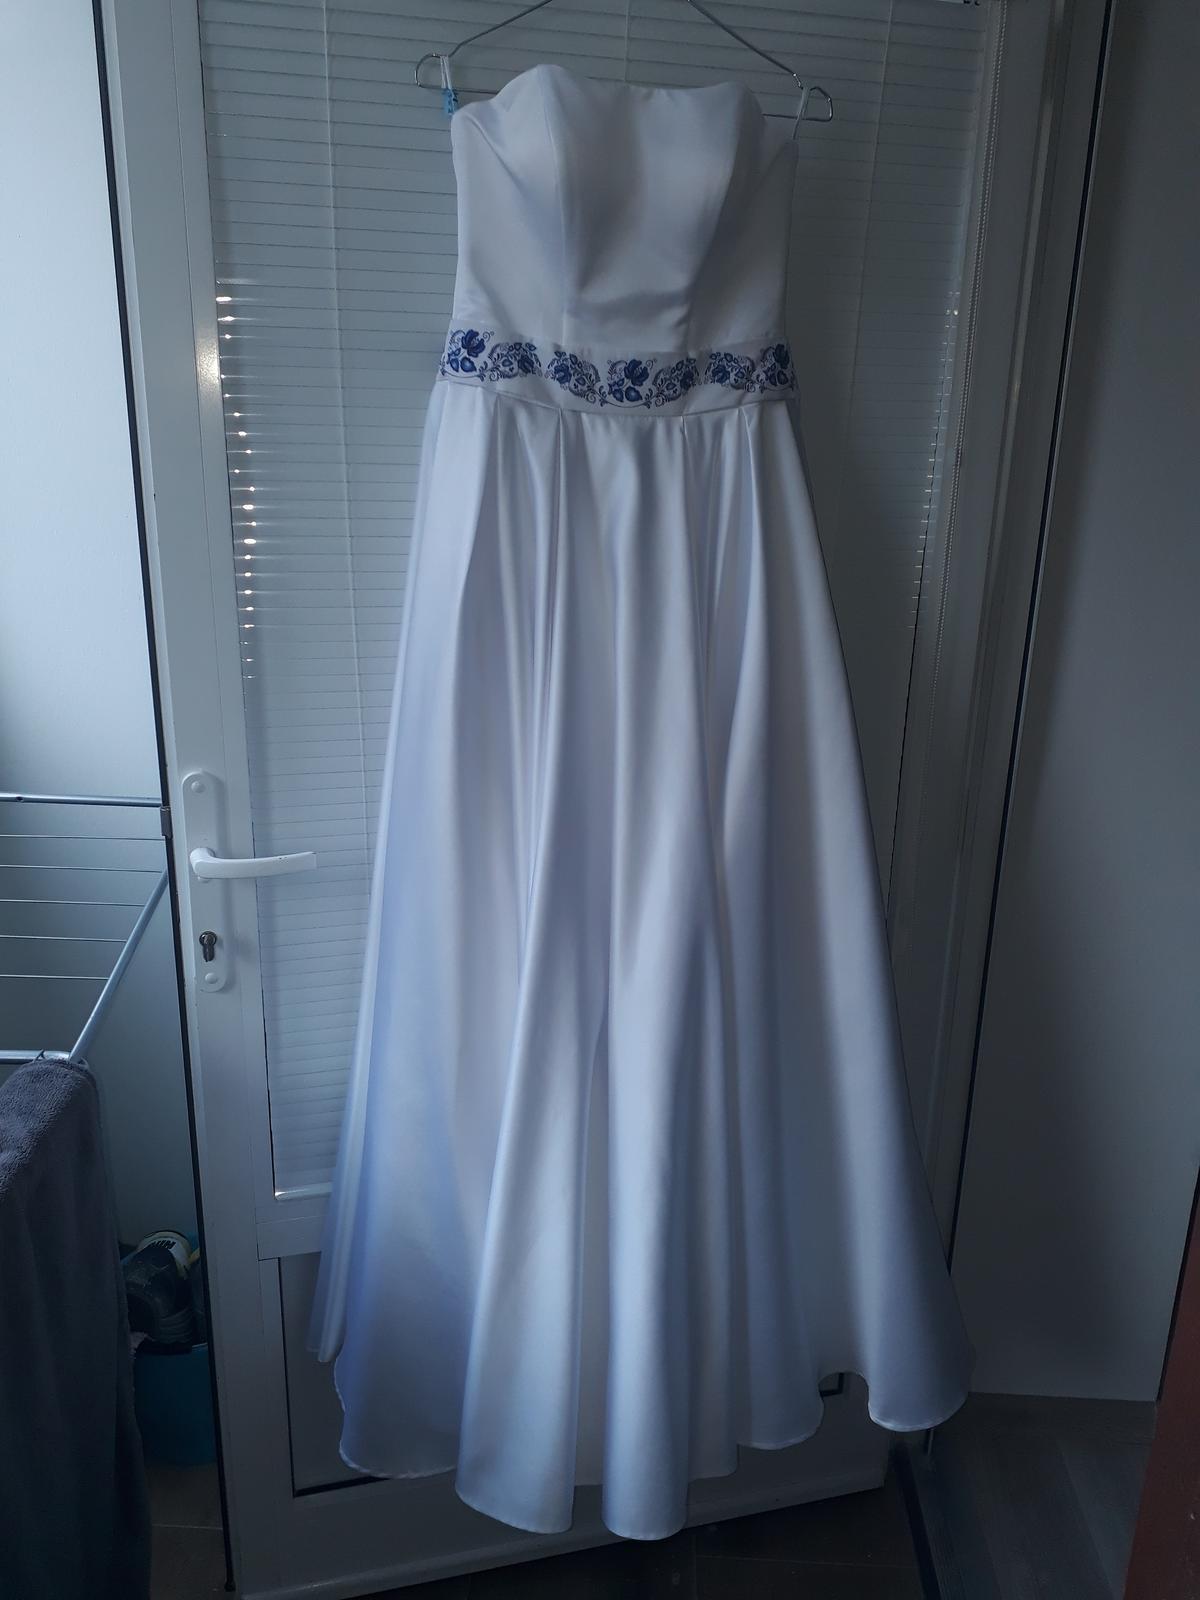 16fb0f592a0d Ariamo bridal doris svadobne saty